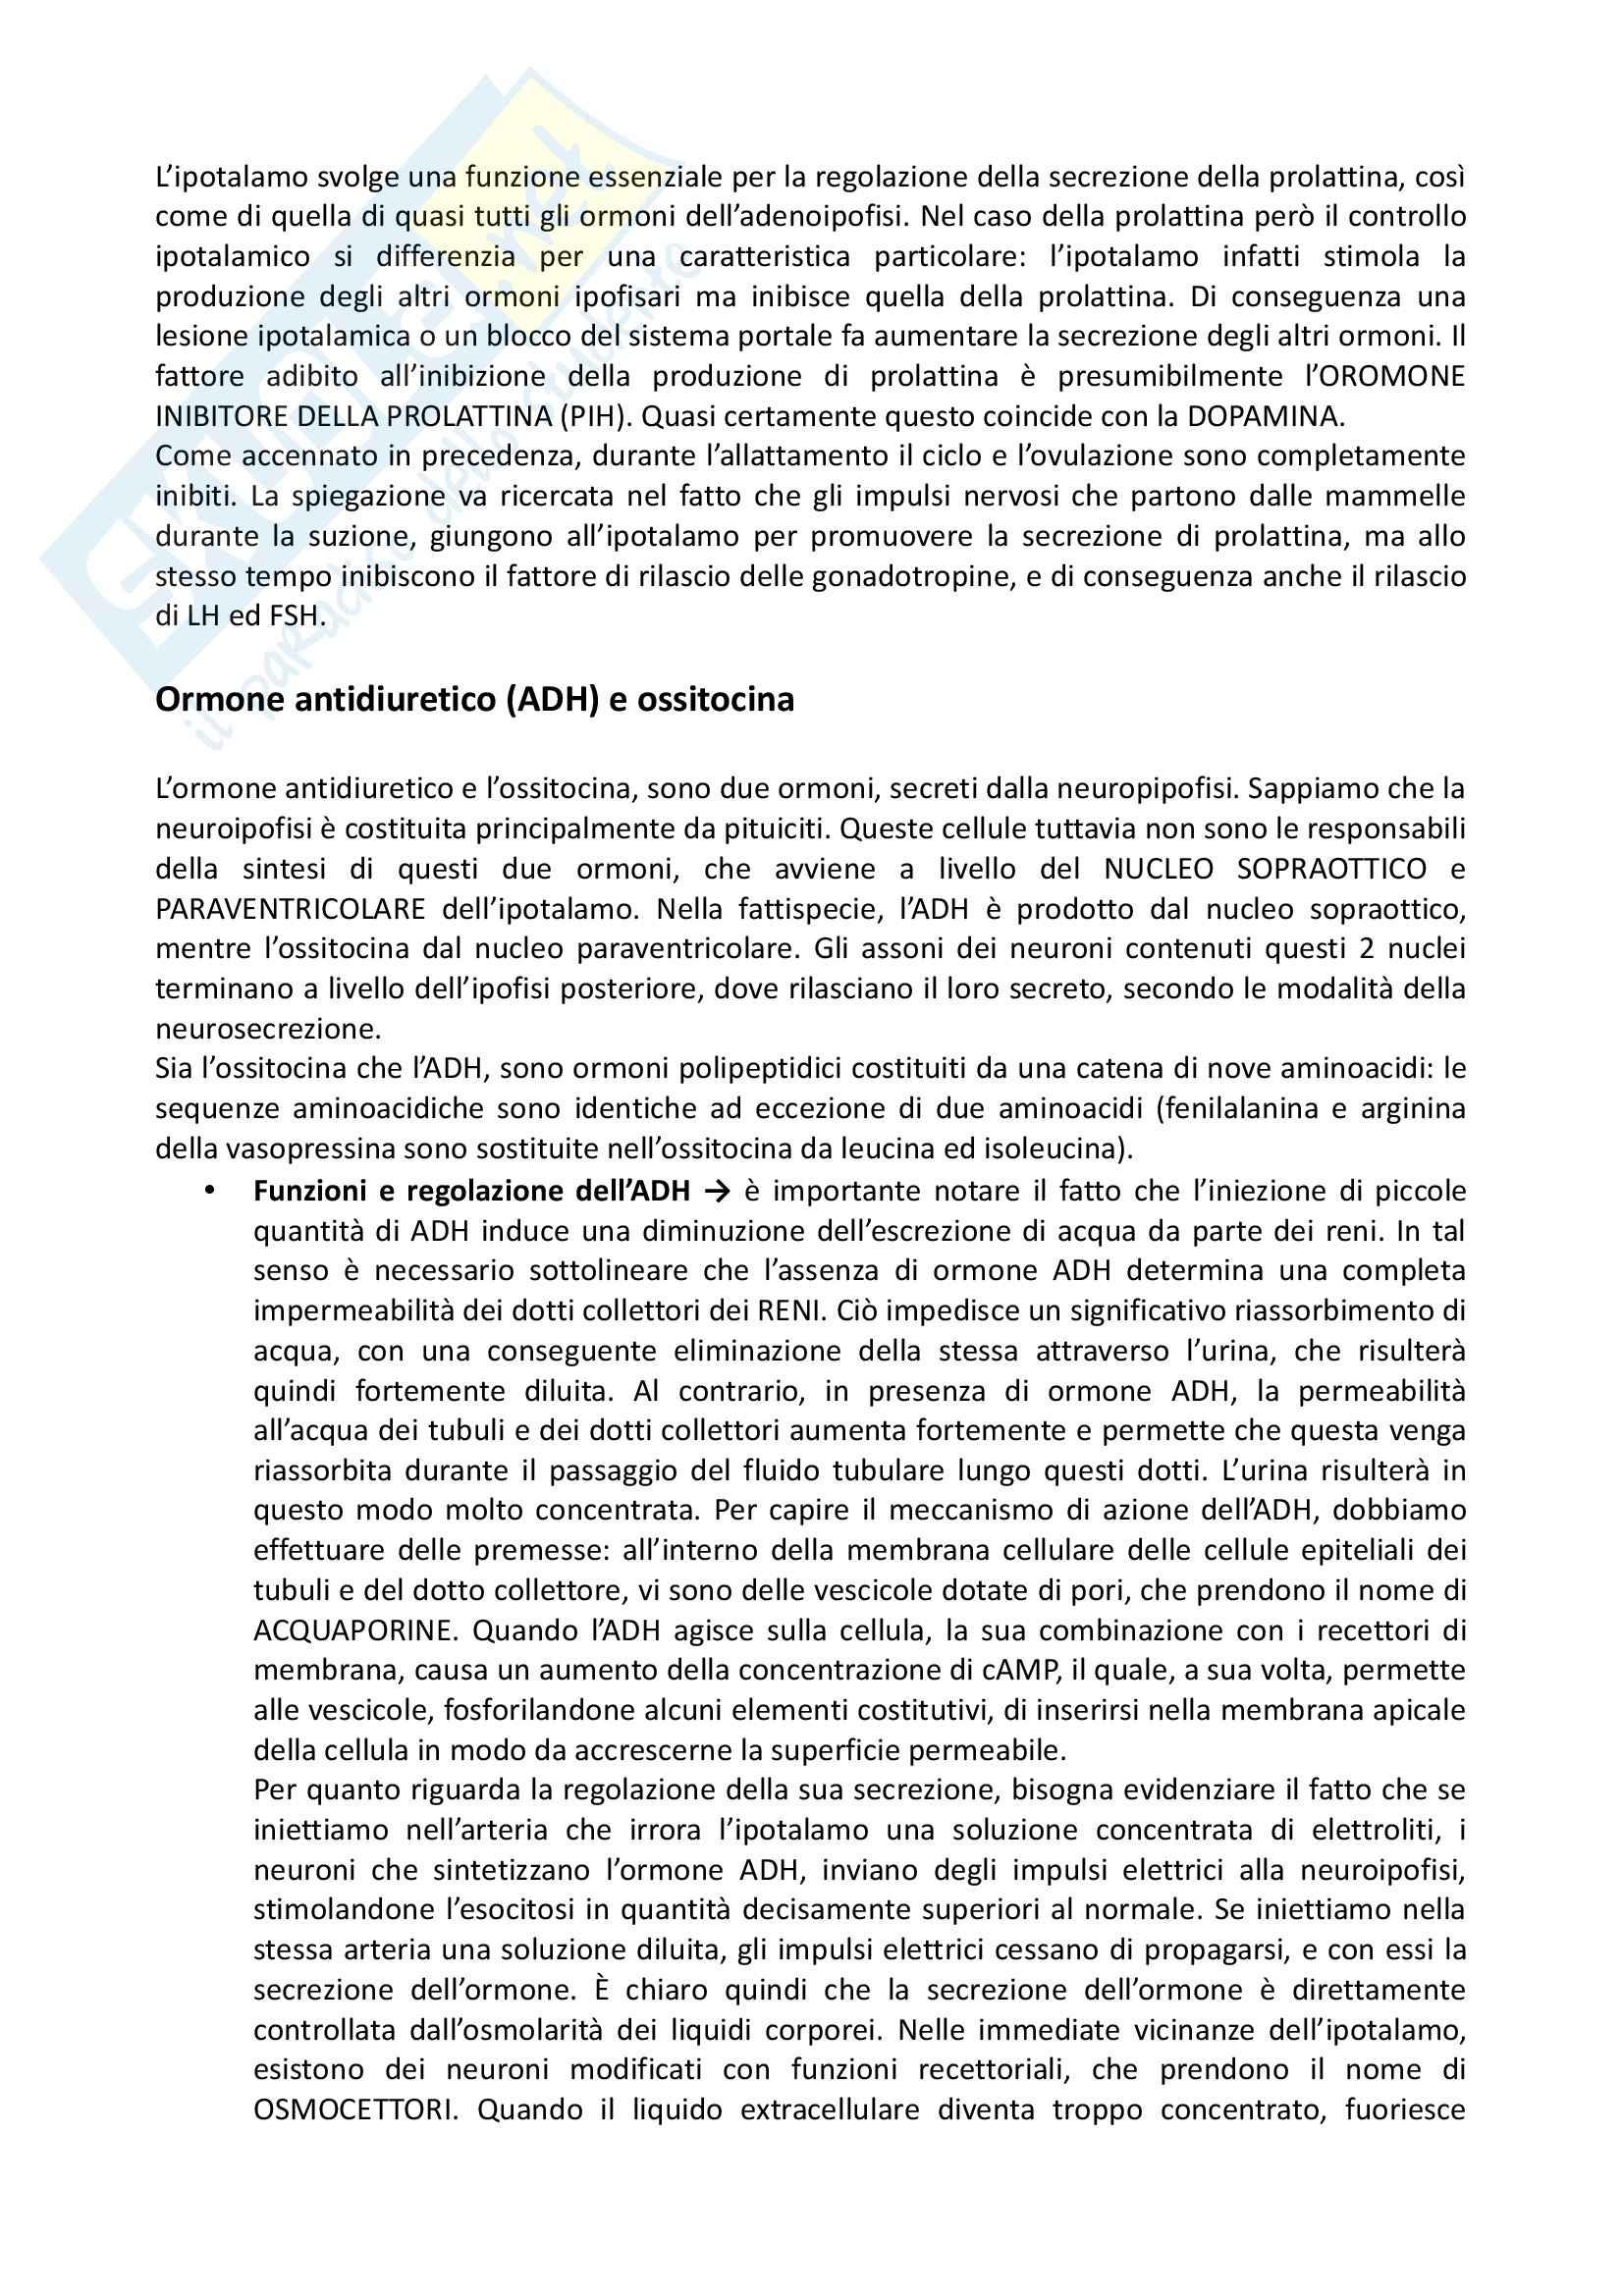 Fisiologia - fisiologia sistemica Pag. 131